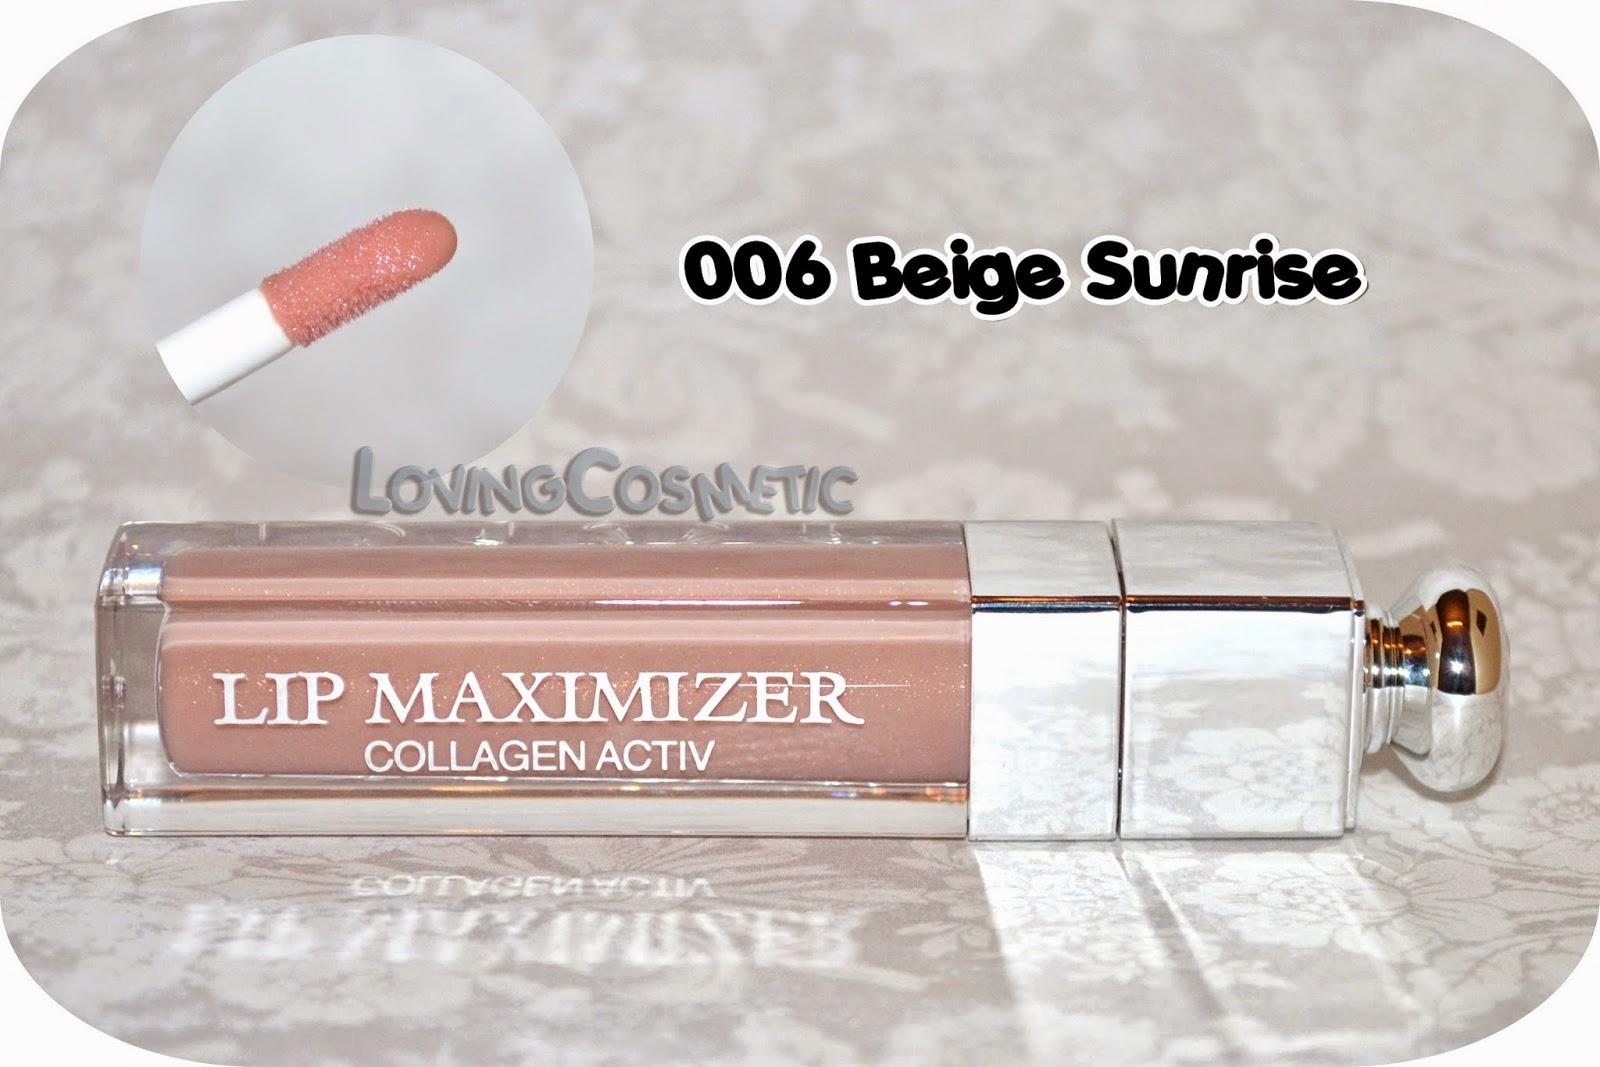 Dior Tie & Dye coleccion collection 2015 summer verano swatch swatches lip maximizer collagen activ 006 beige sunrise